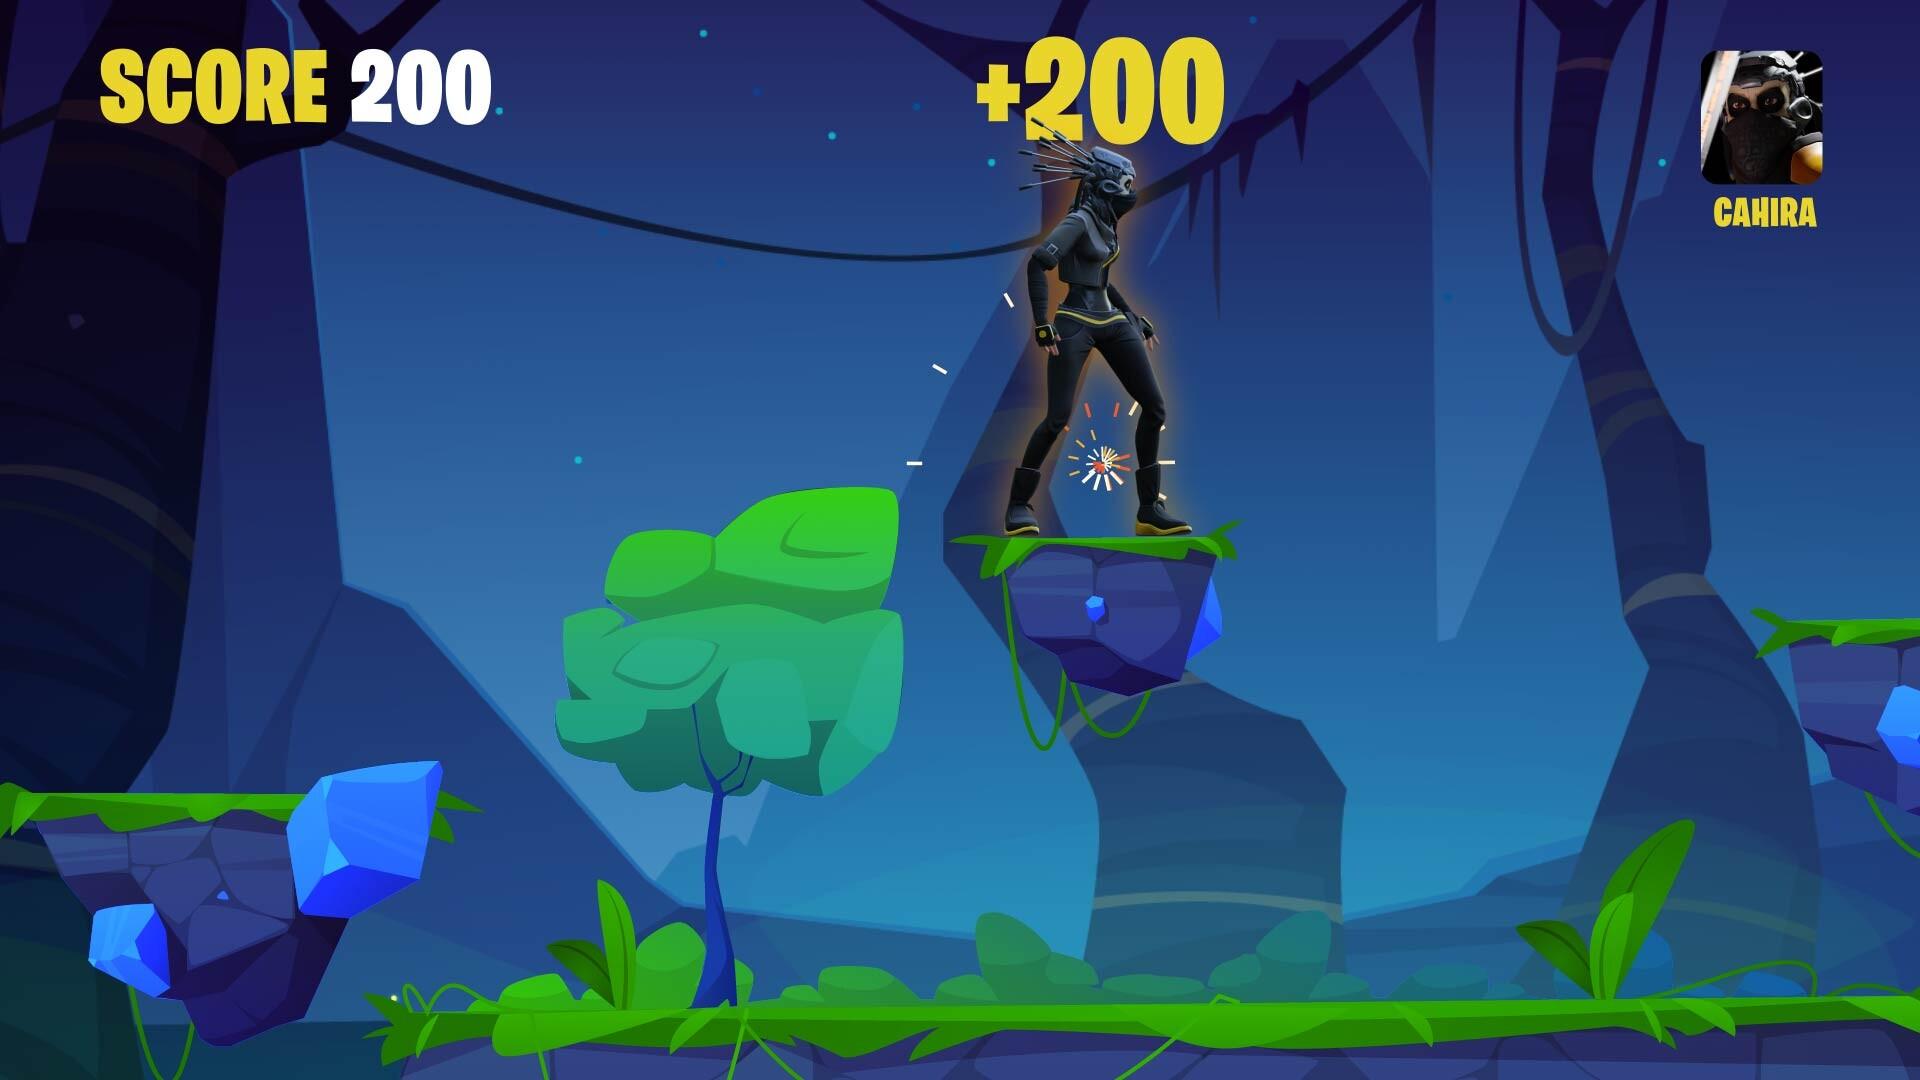 CAHIRA - Platformer Game - Mock-up